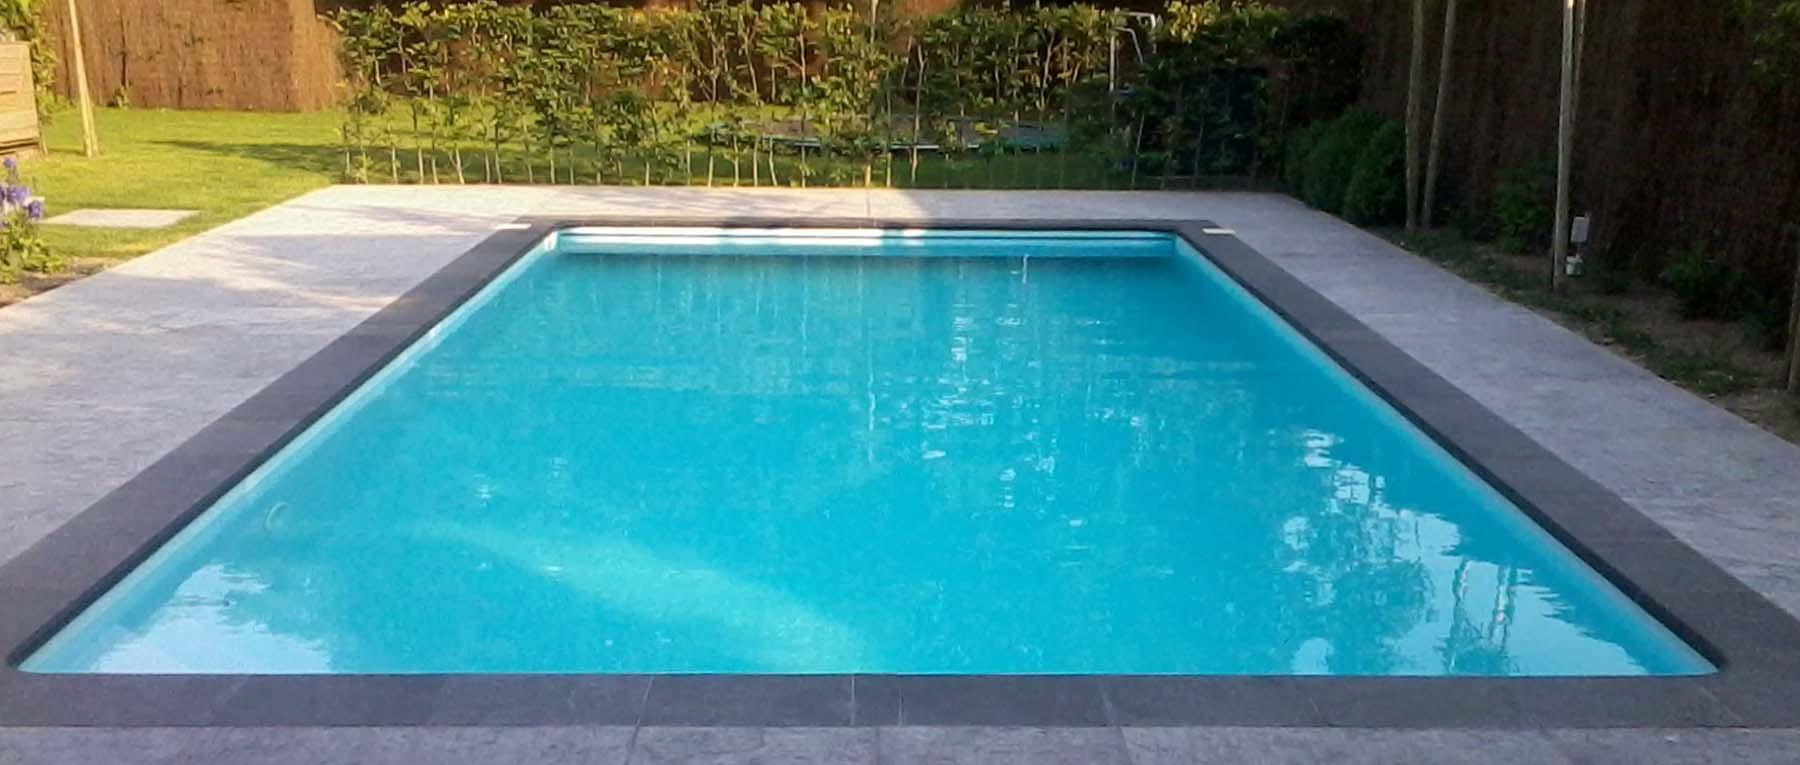 Bouwkundige zwembaden van kuik zwembaden for Inbouw zwembad zelf bouwen